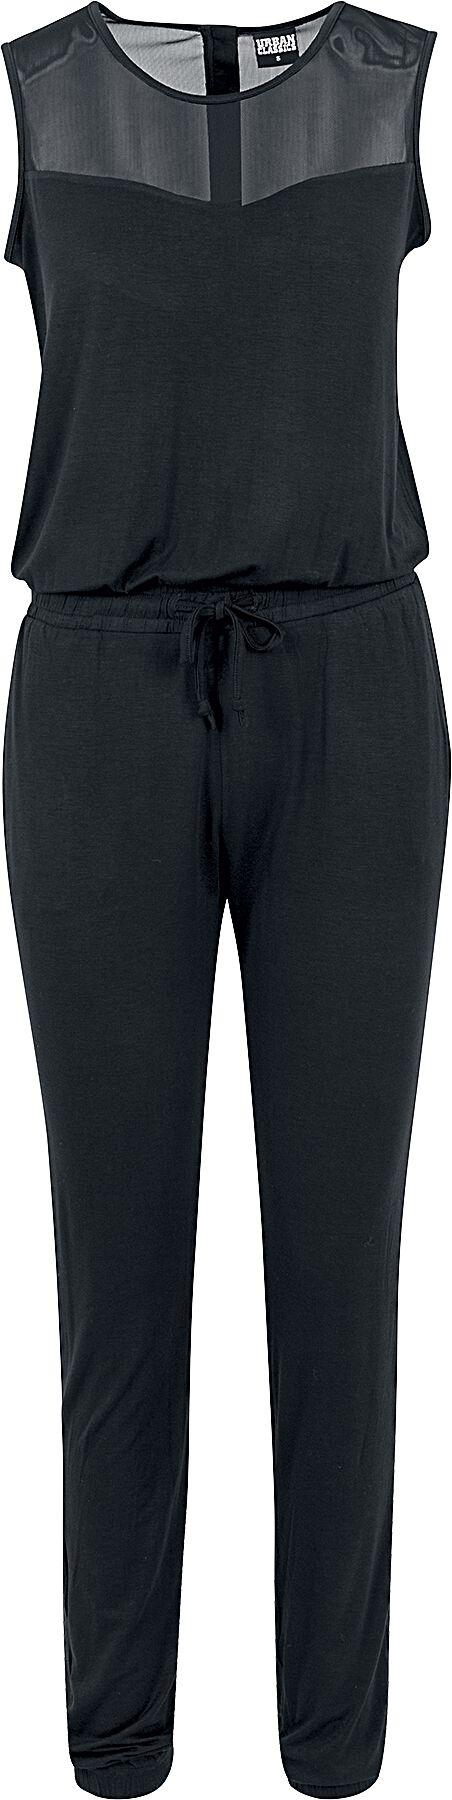 Image of   Urban Classics Ladies Tech Mesh Long Jumpsuit Jumpsuit sort